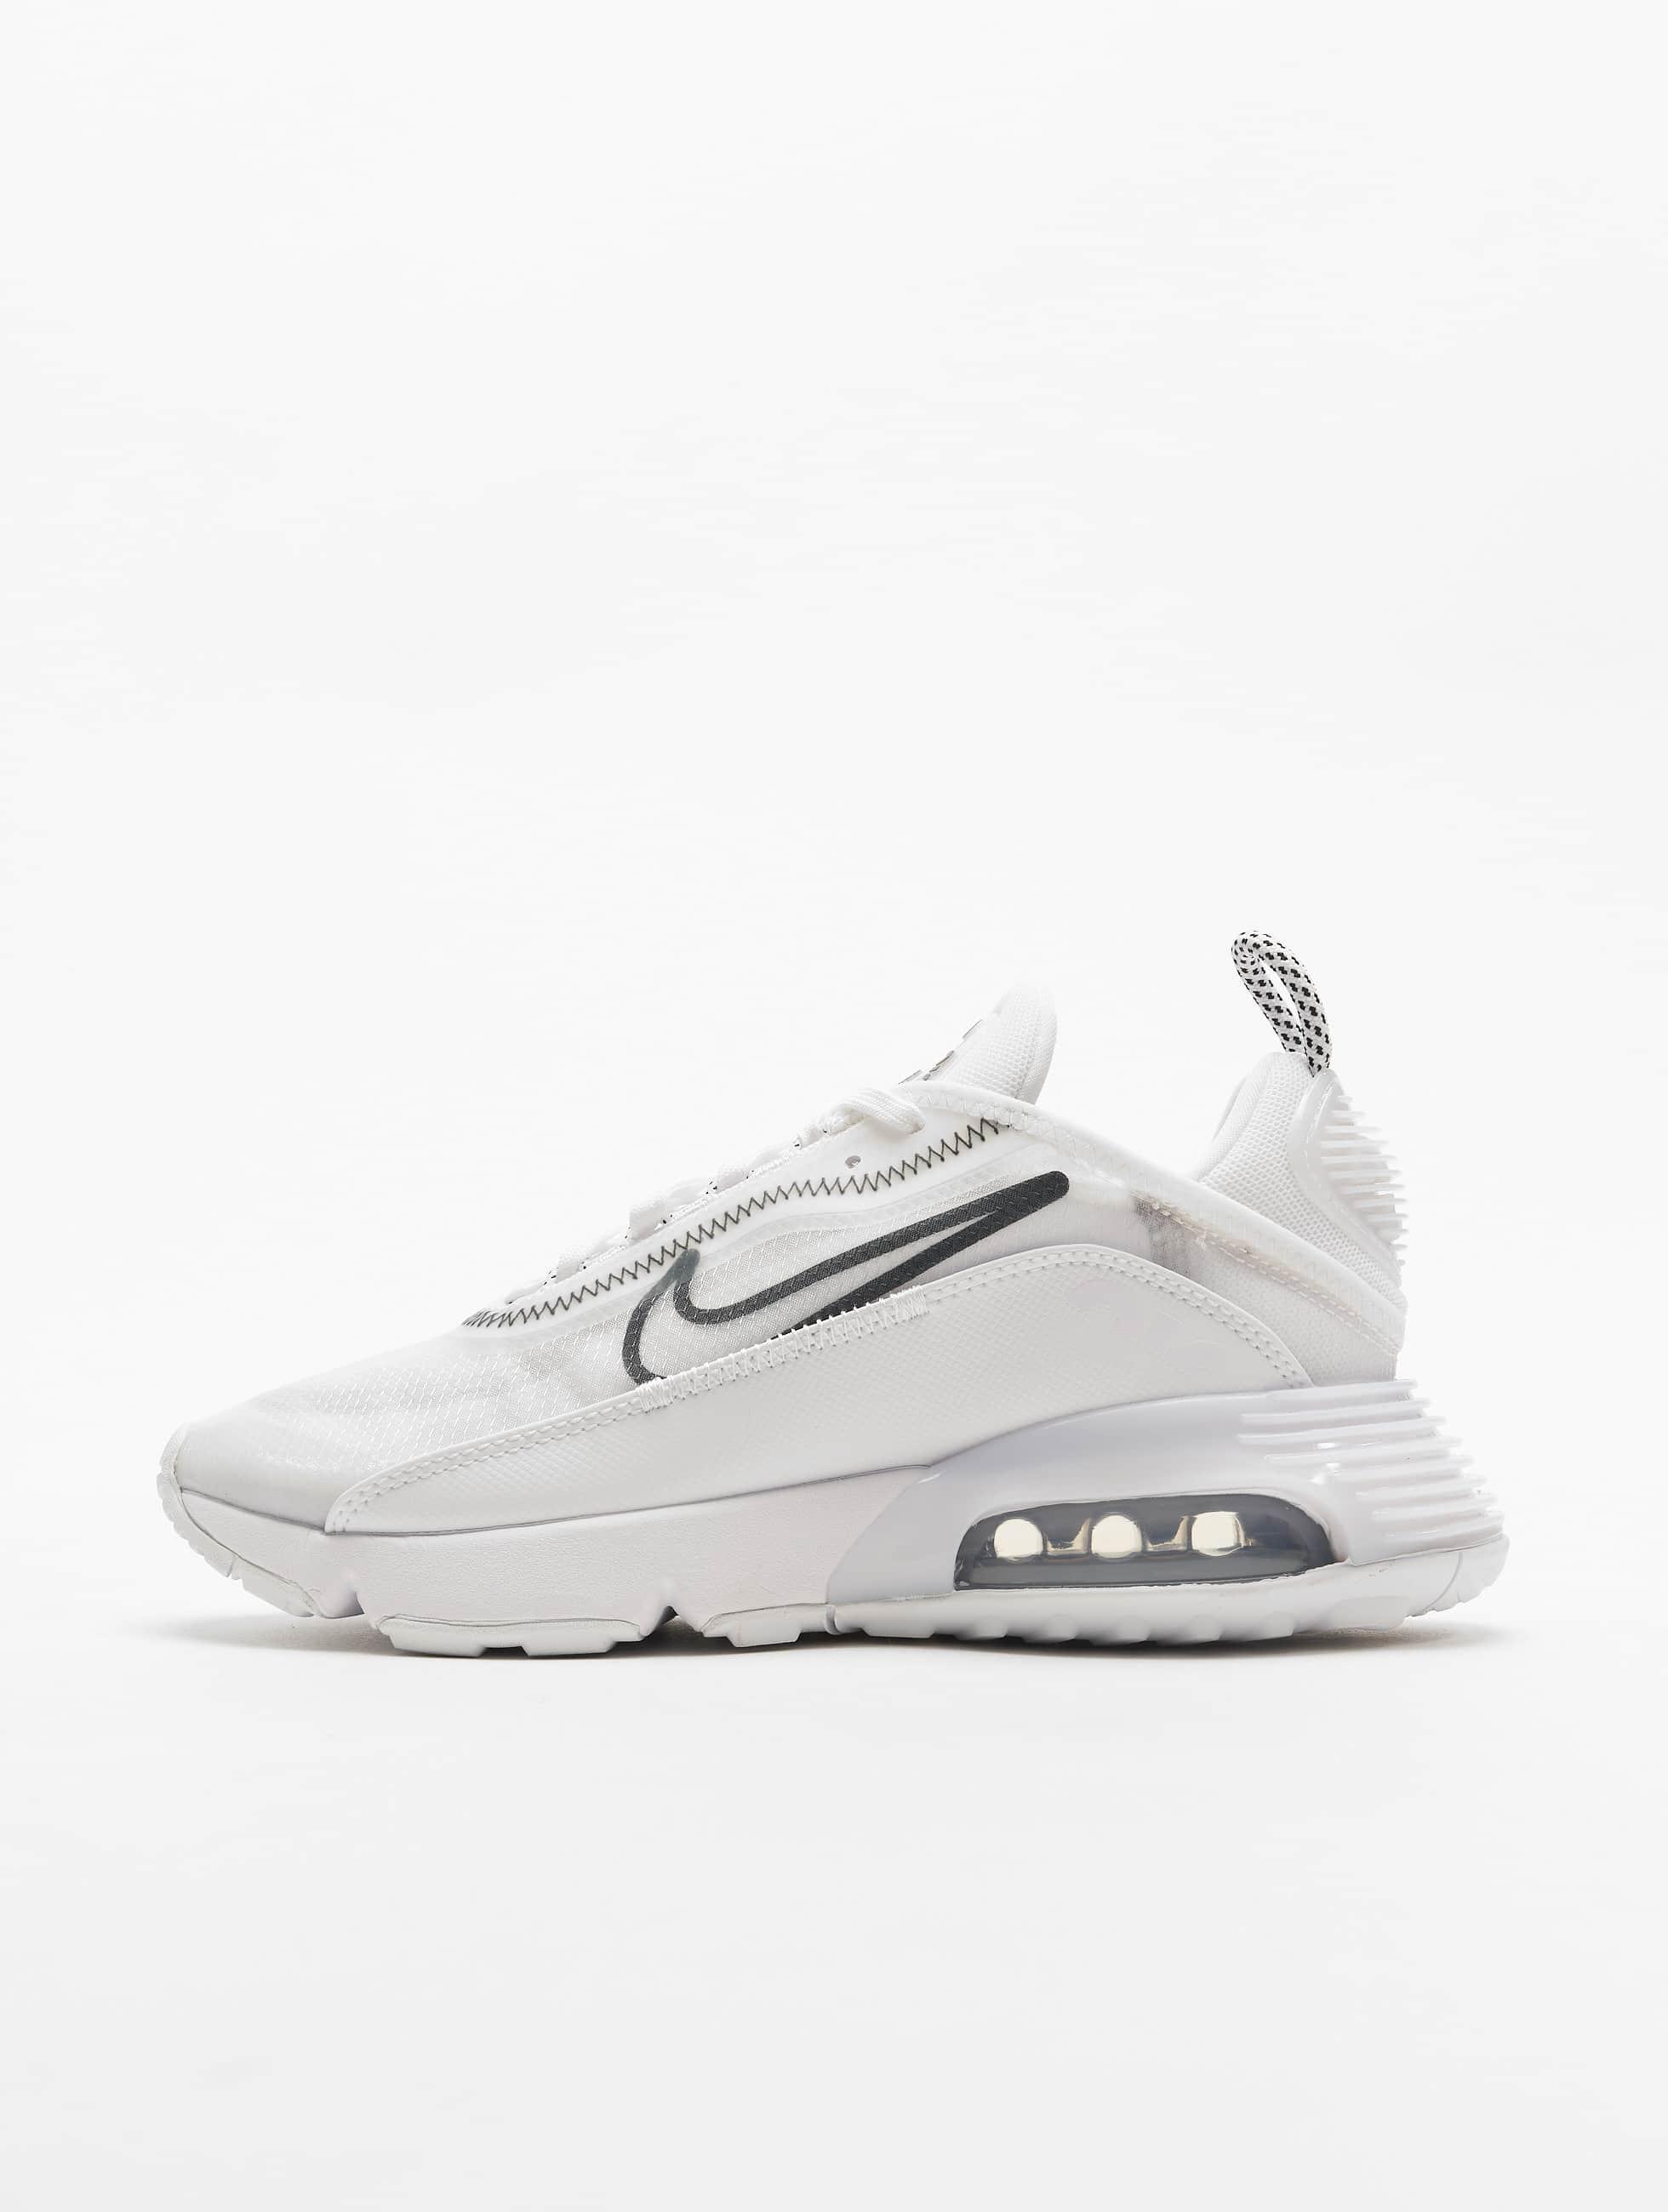 Nike Air Max 2090 Sneakers WhiteBlackWolf Grey